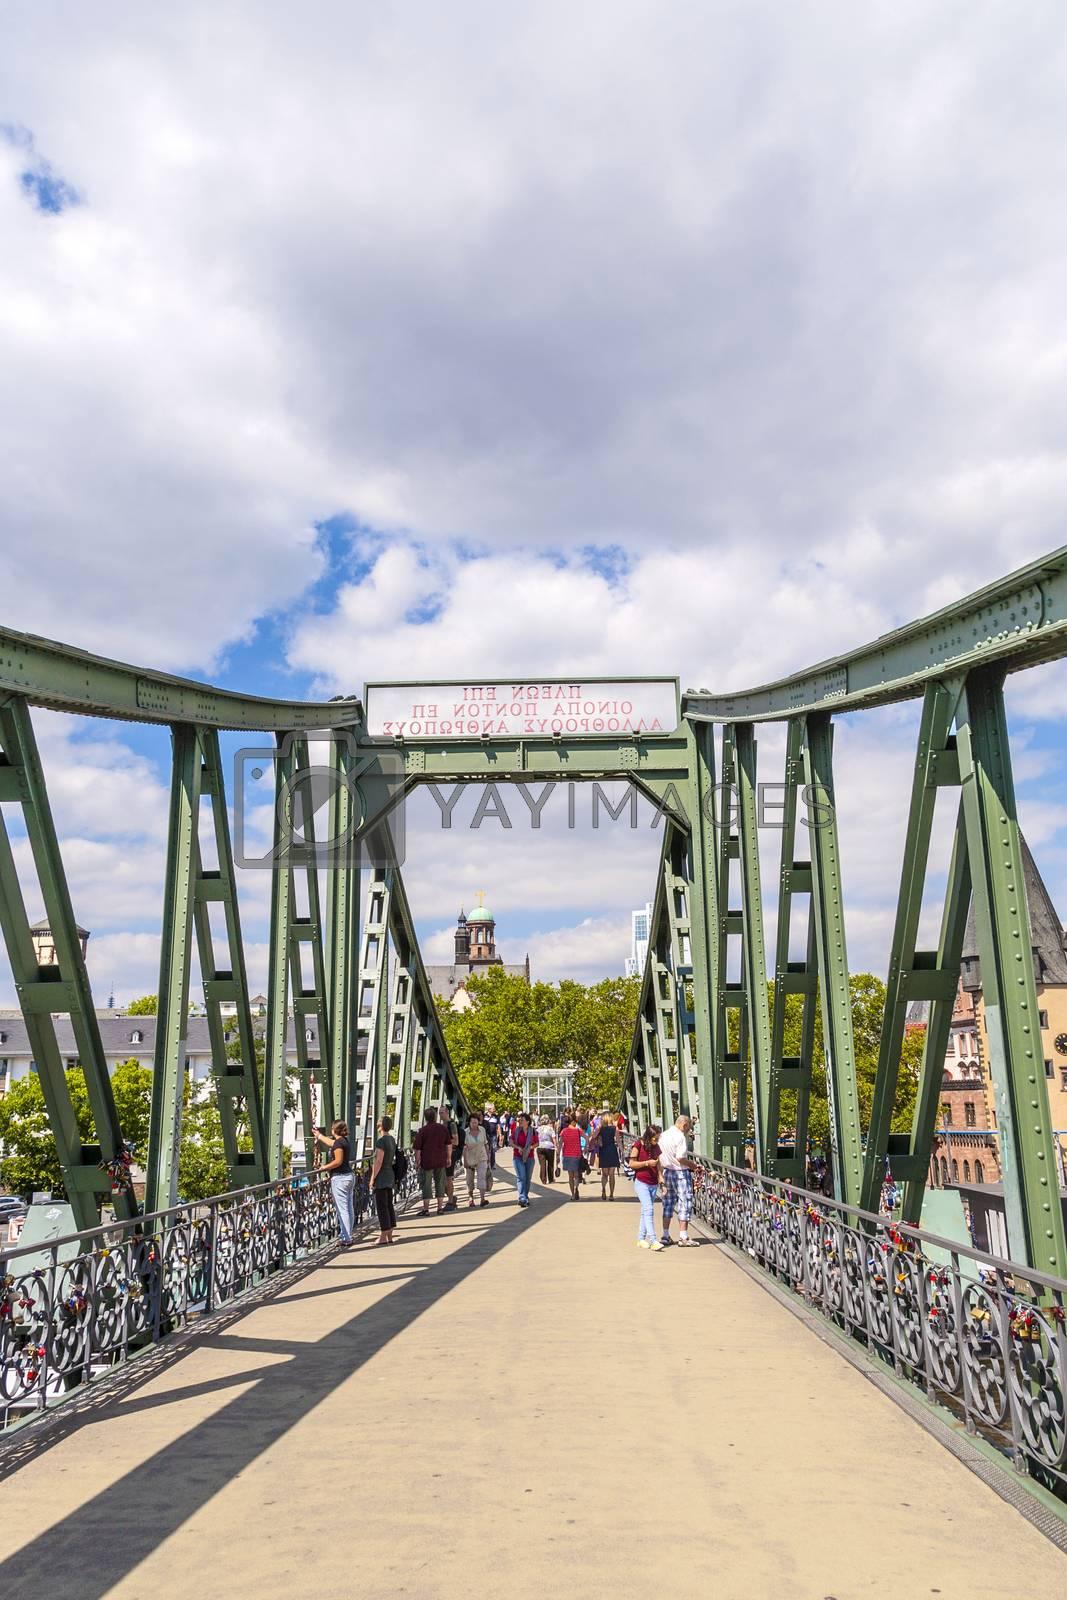 Royalty free image of people on bridge eiserner Steg in Frankfurt, Germany. by meinzahn